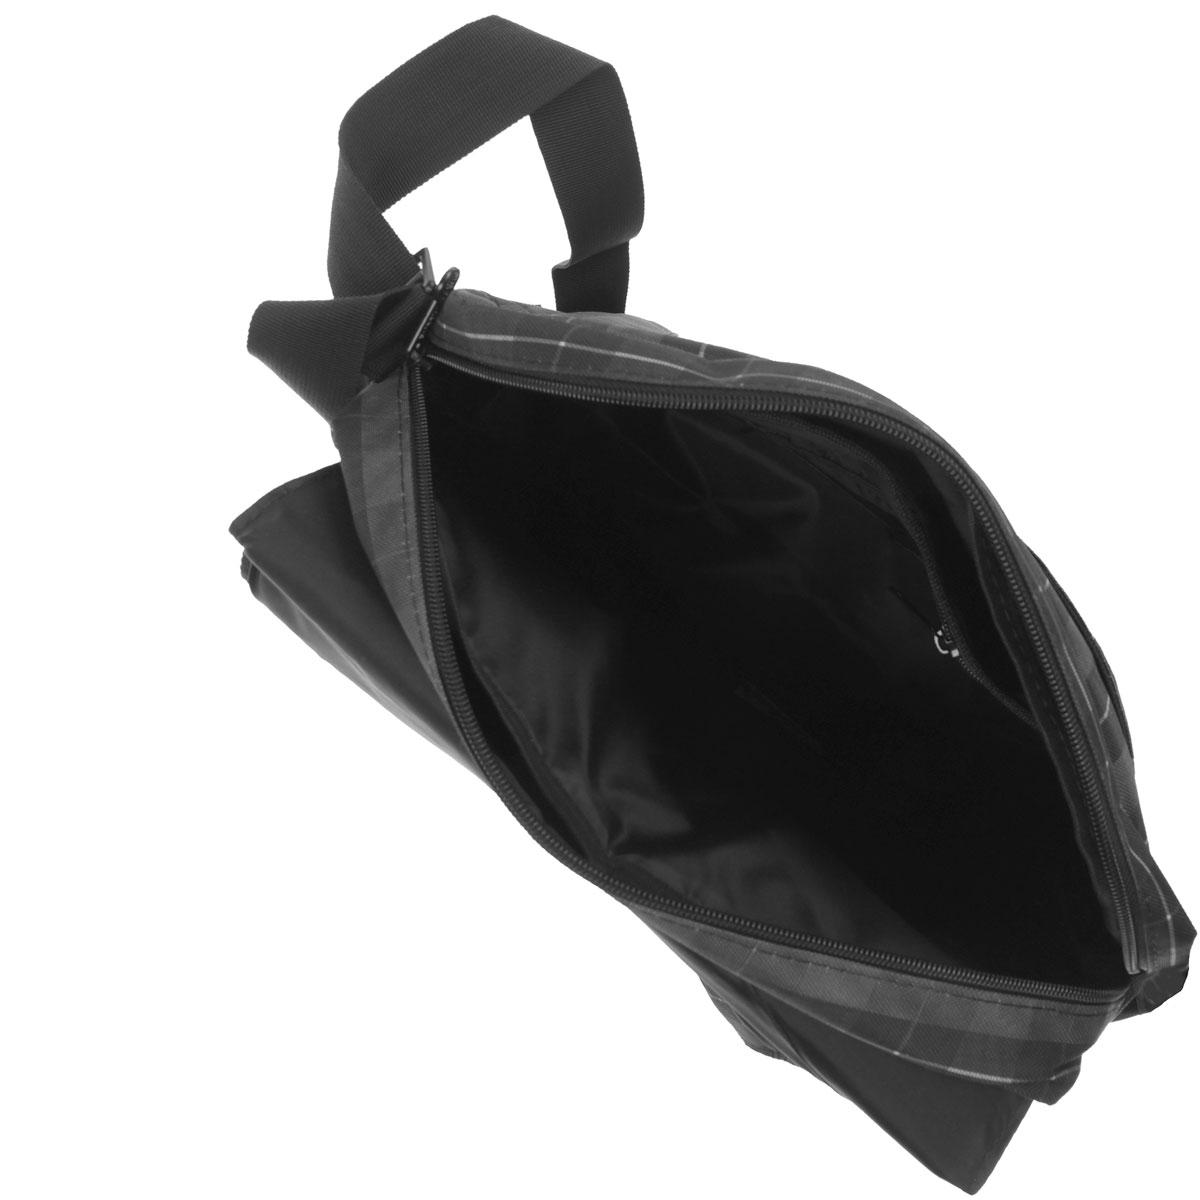 Сумка молодежная с клапаном, с передним, задним и  внутренними карманами, кармашком для планшета и регулируемым ремнем.